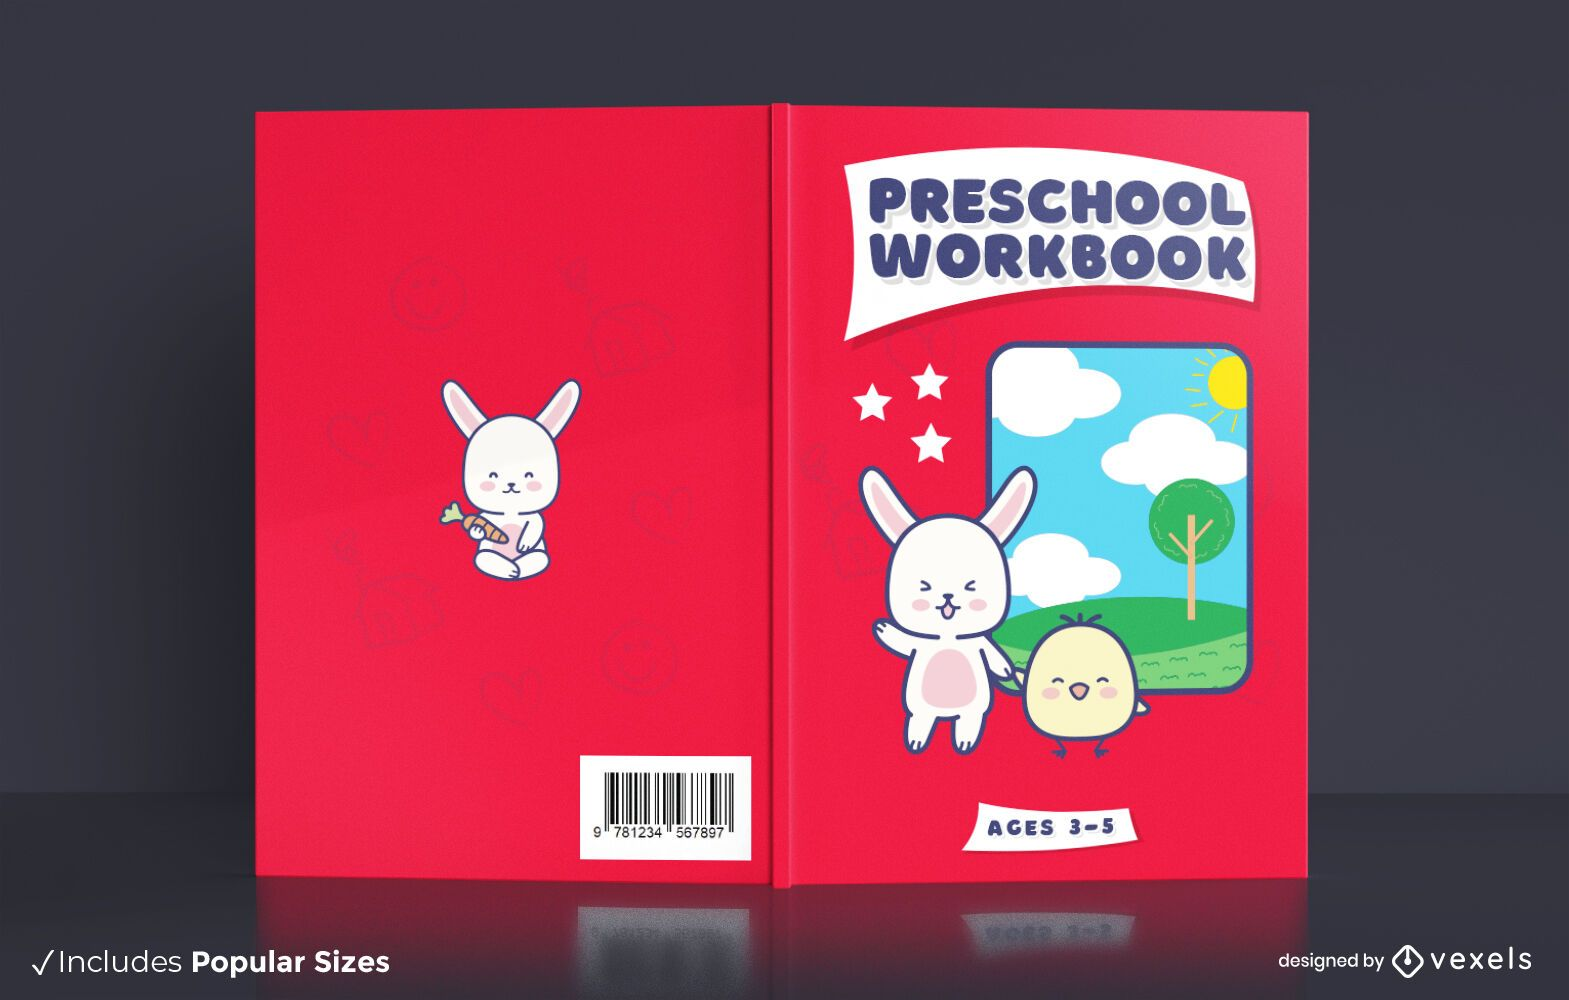 Preschool workbook cover design